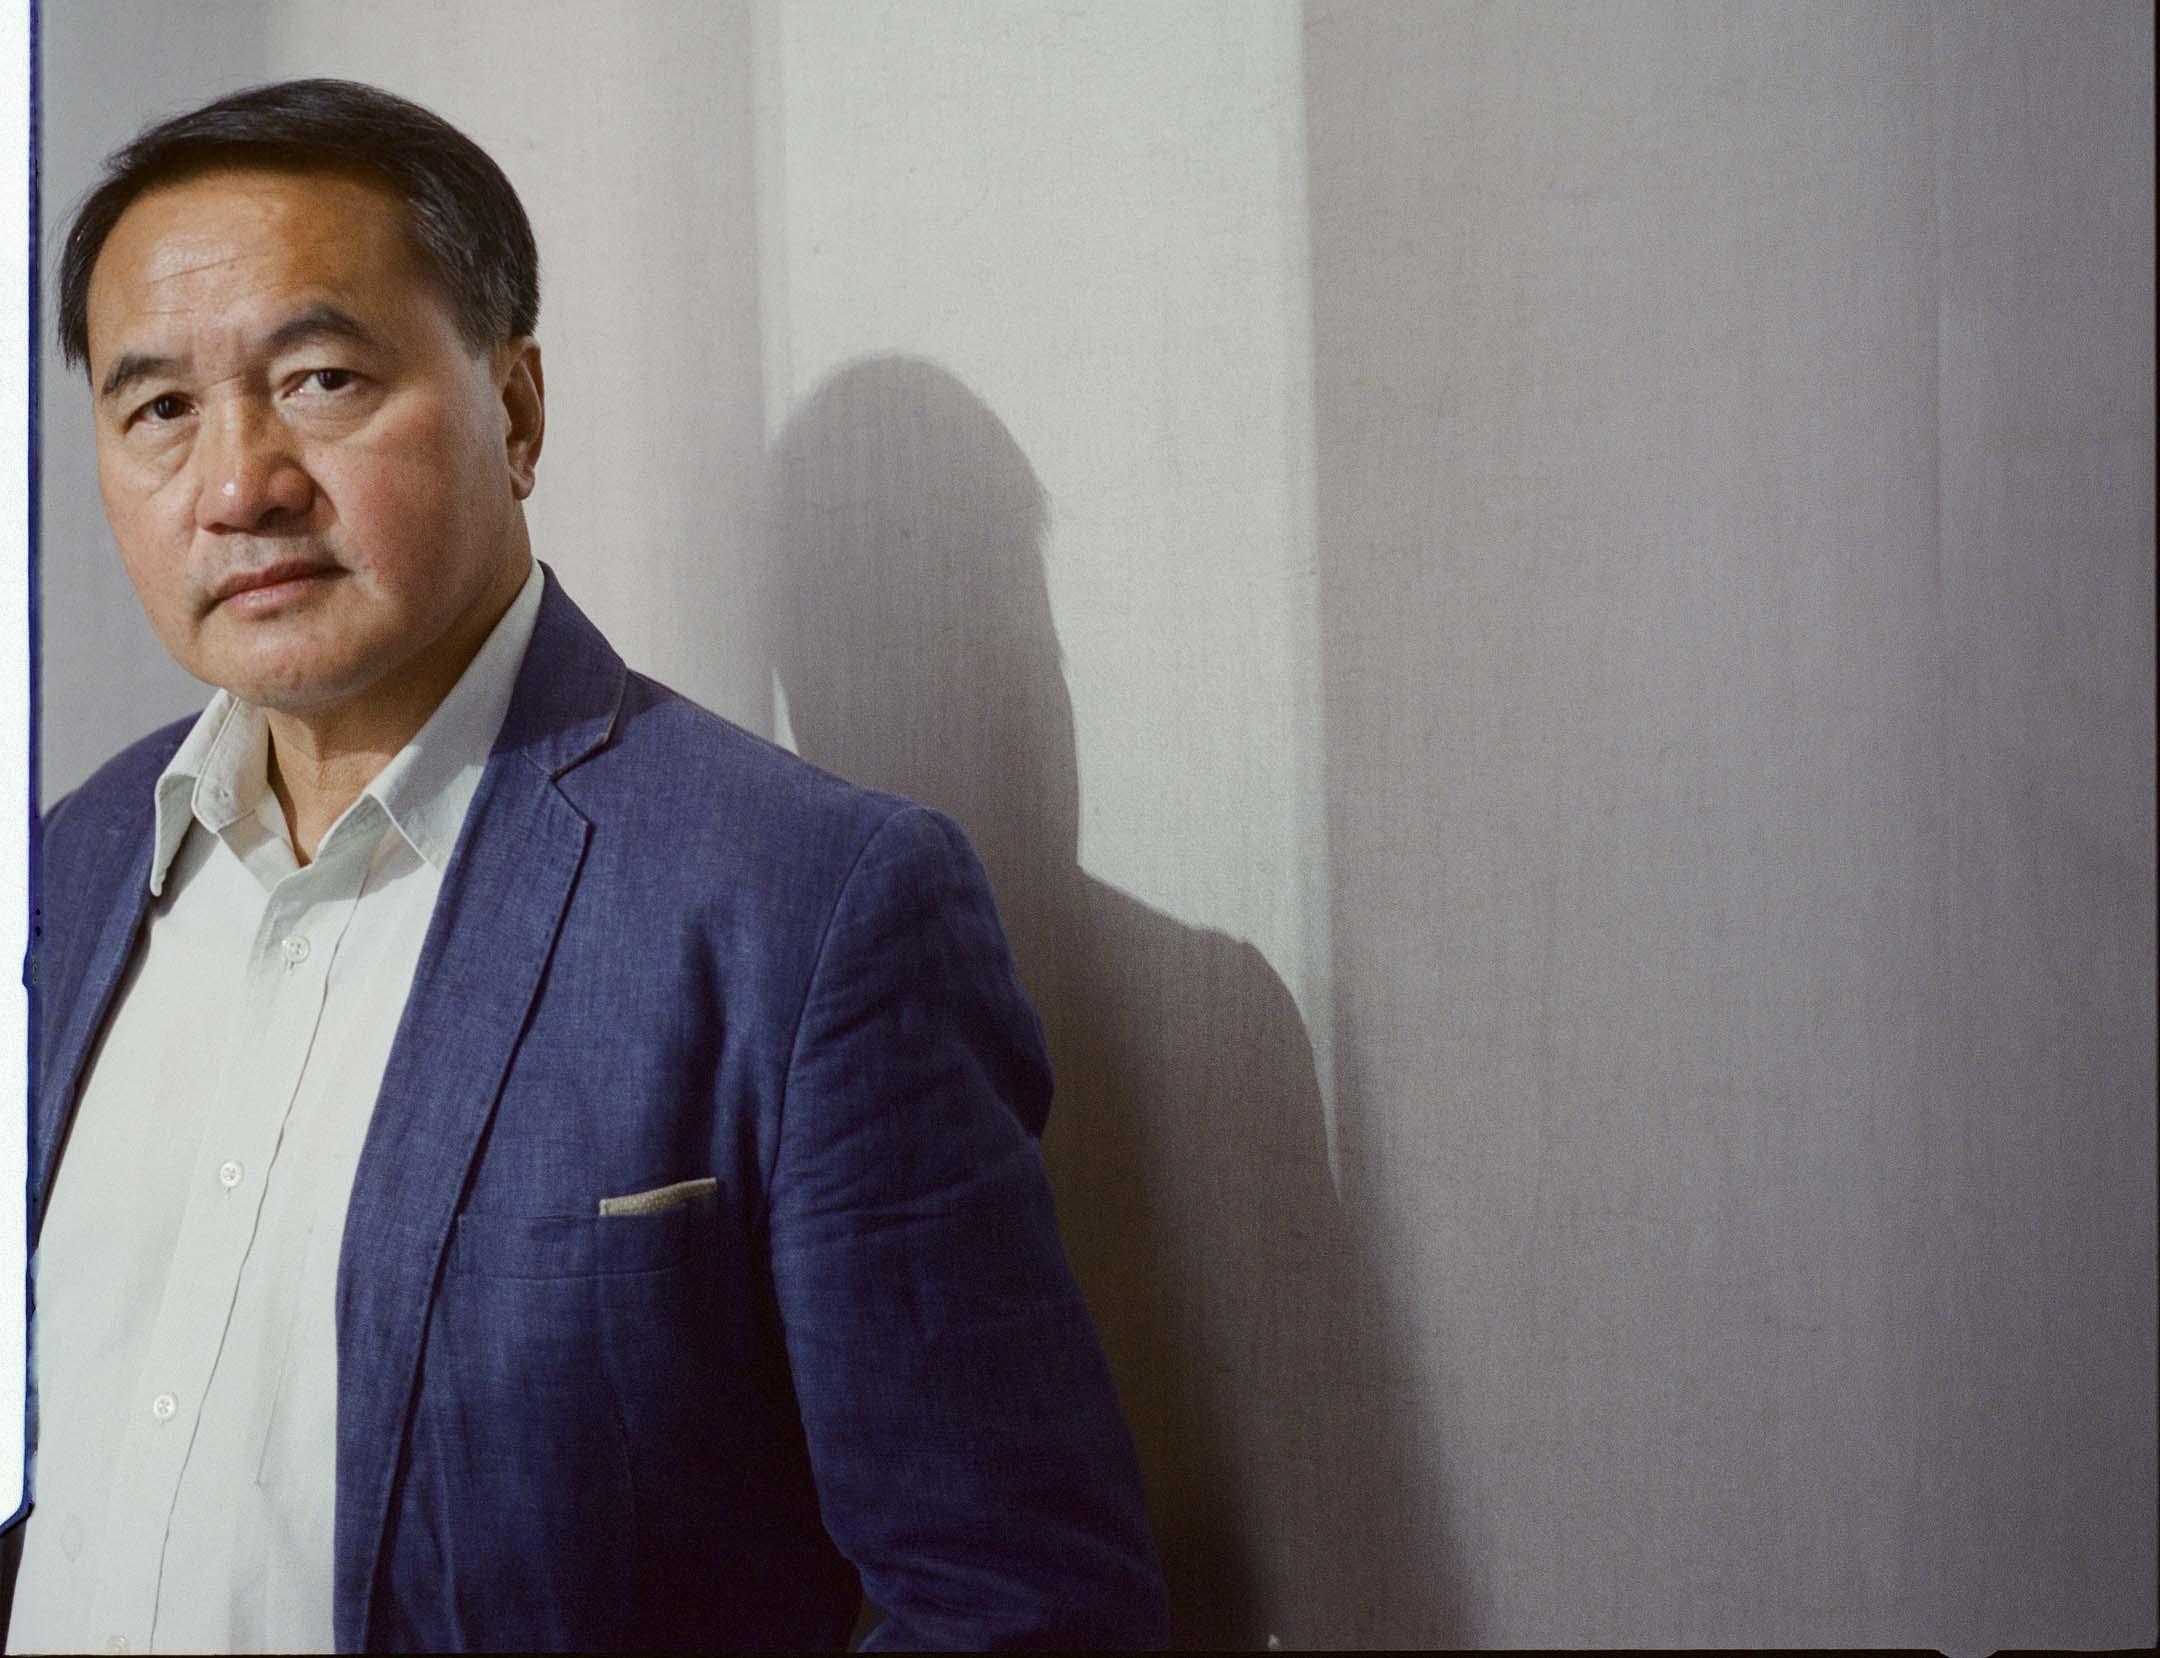 李永達,參加社運至今近40年,即將要面對「佔中九子」案開審,他被控煽惑公眾防擾罪,一旦罪成最高被判處7年監禁。 攝:林振東/端傳媒